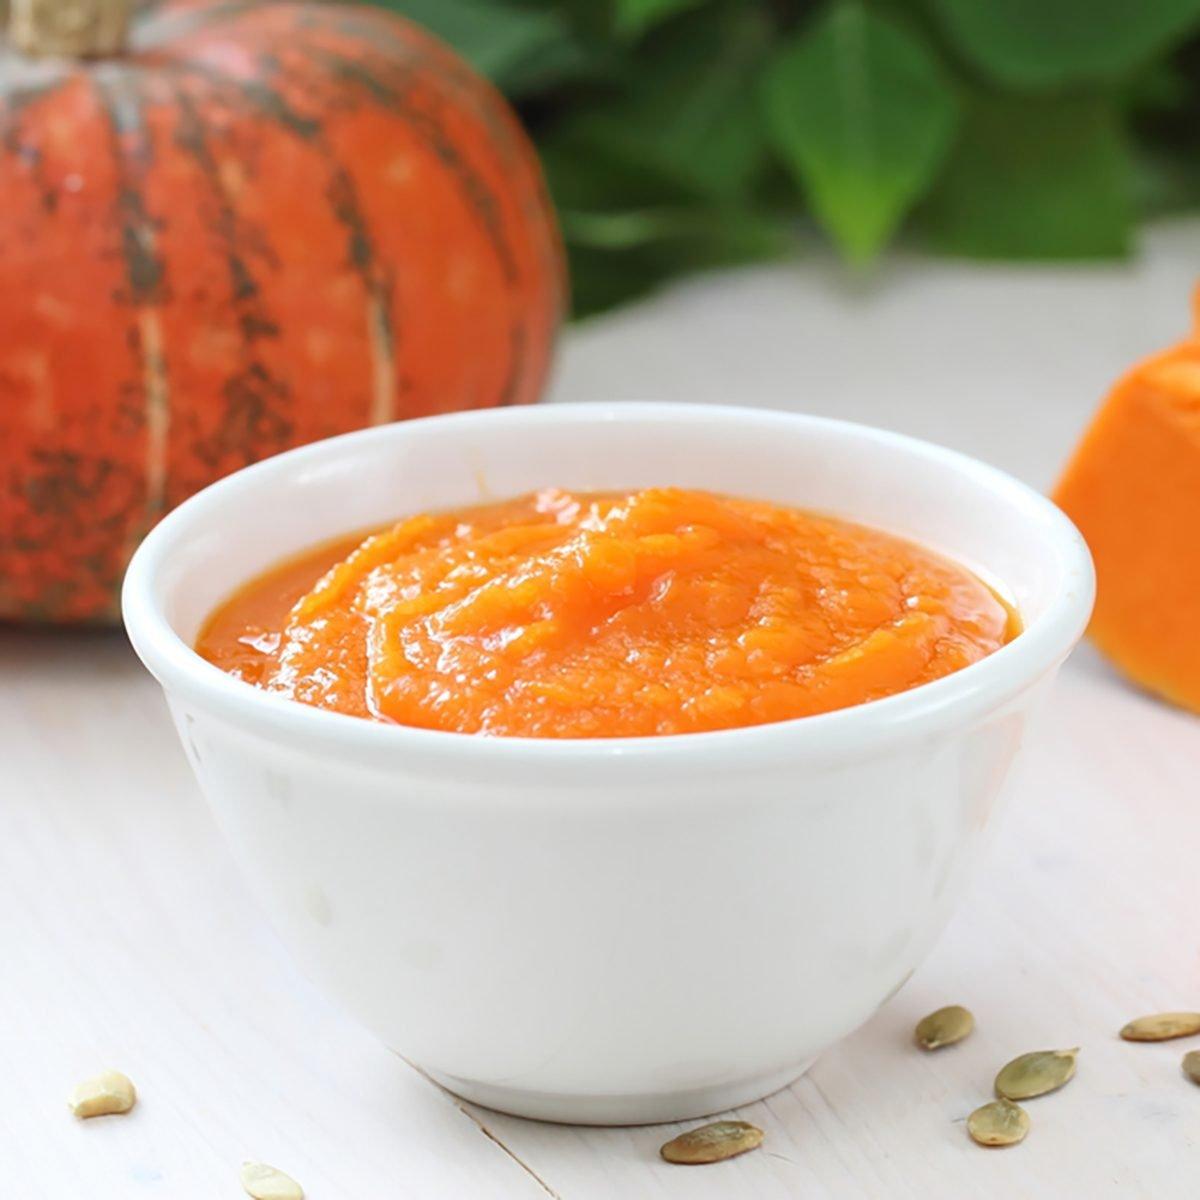 Homemade pumpkin puree in a bowl